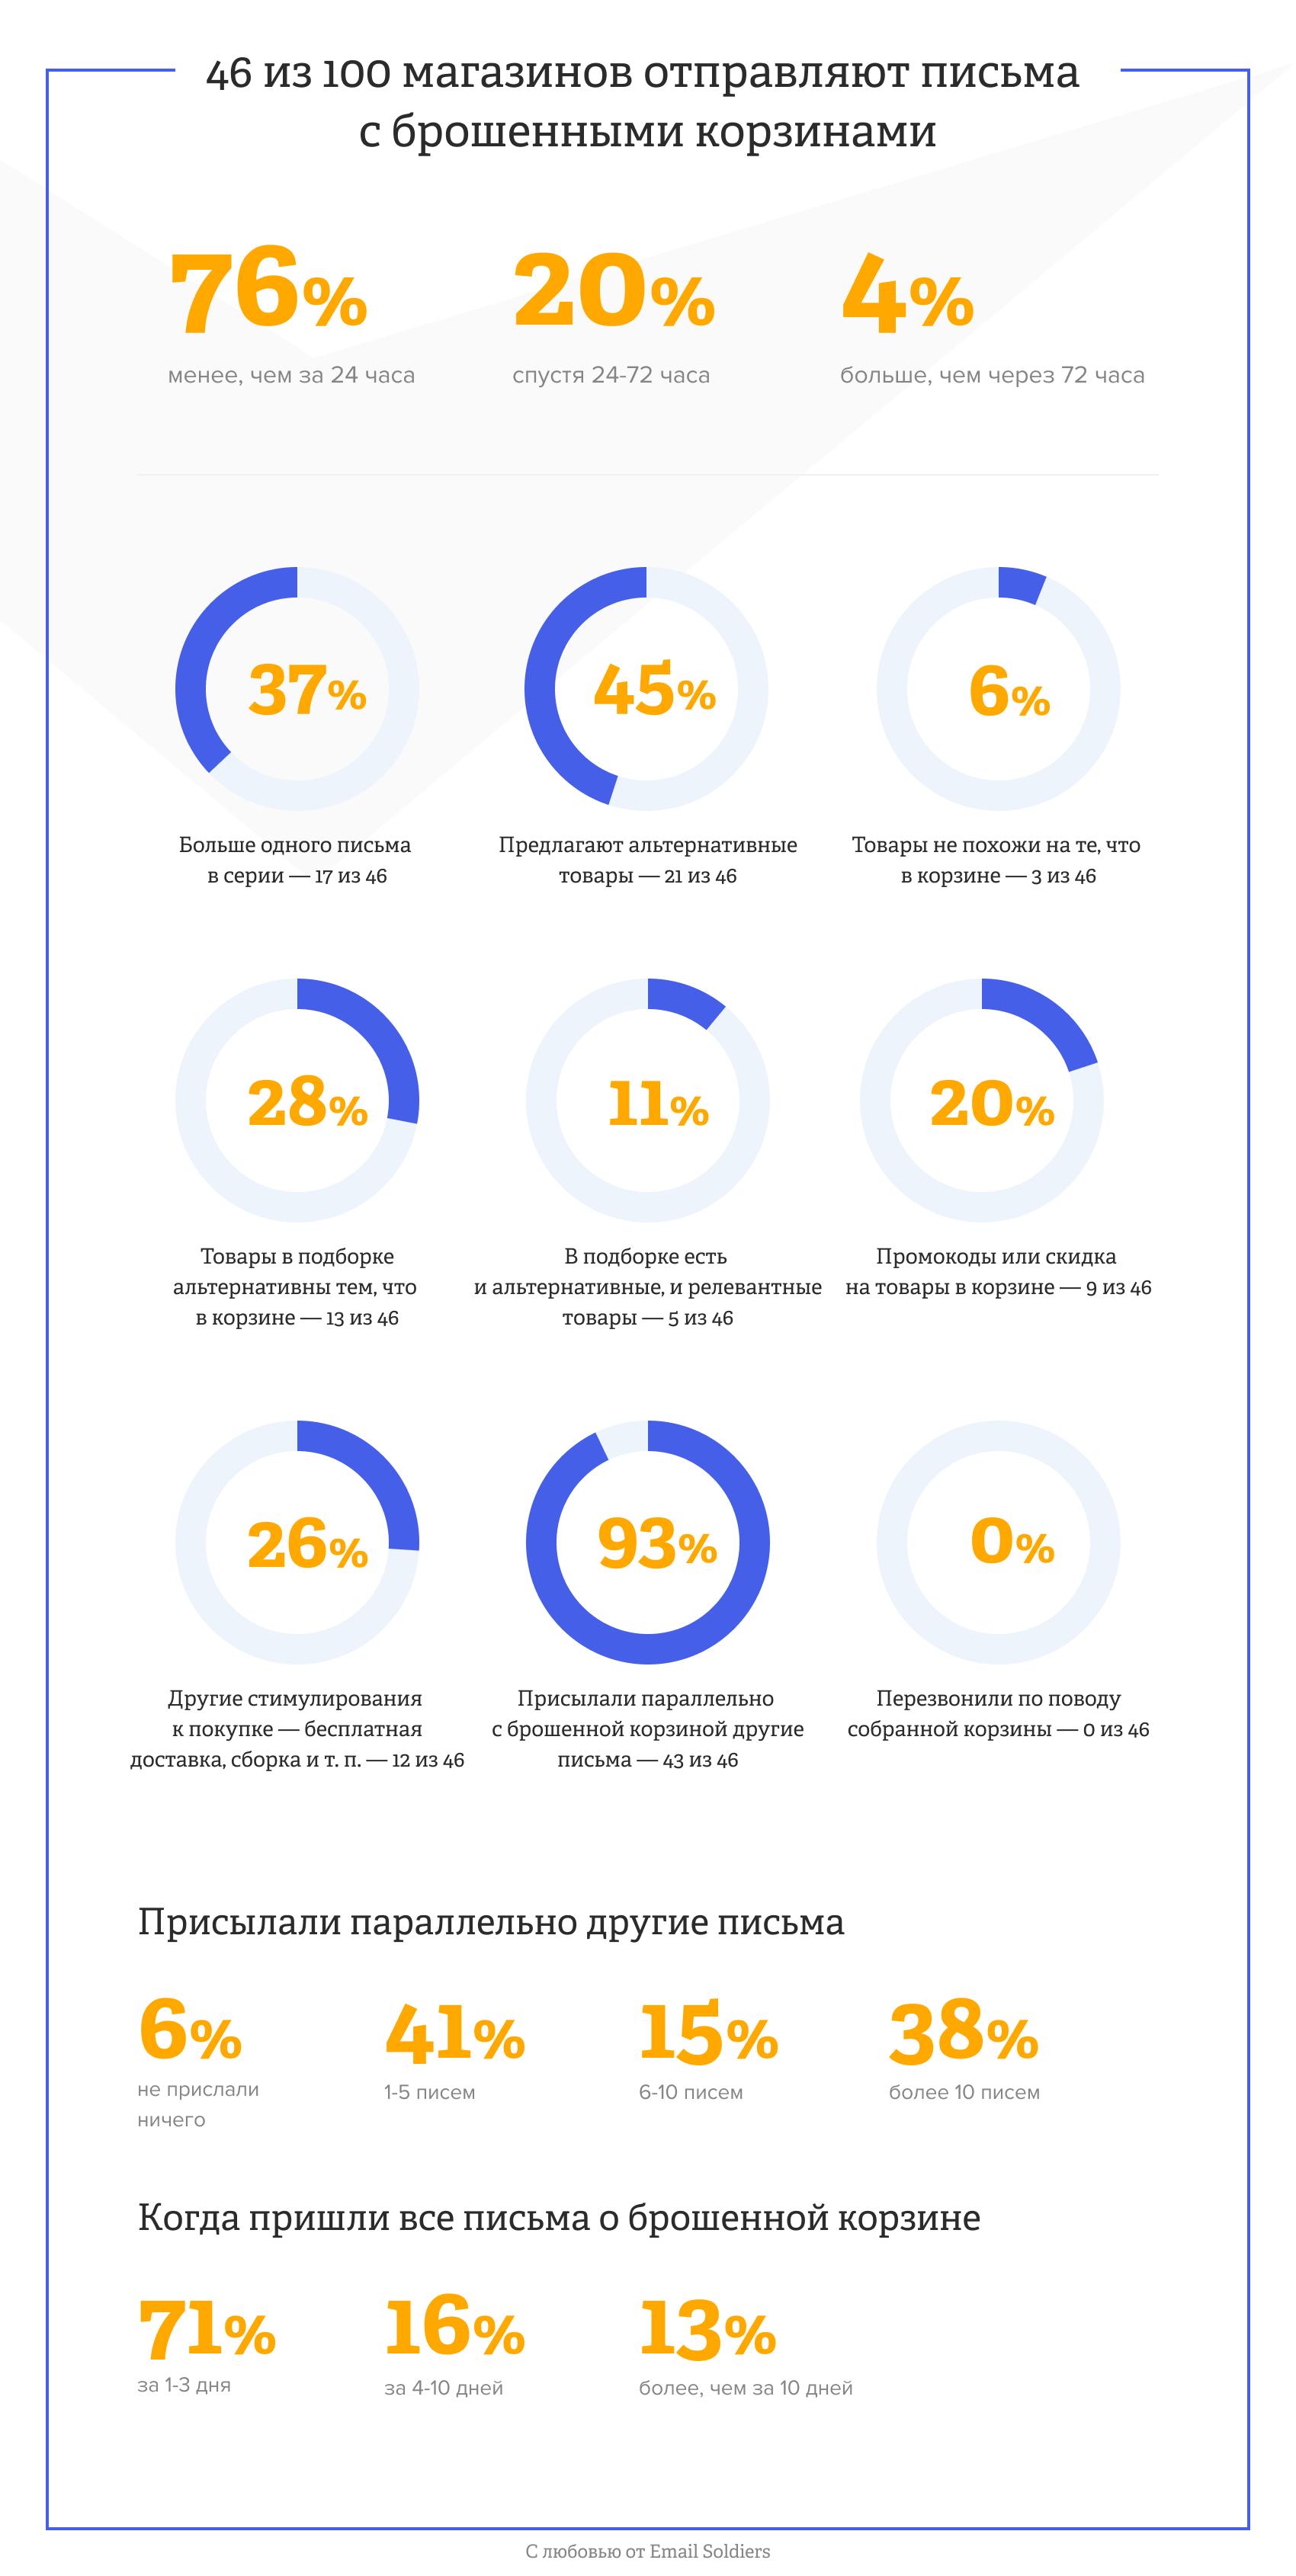 Инфографика с исследованием брошенных корзин